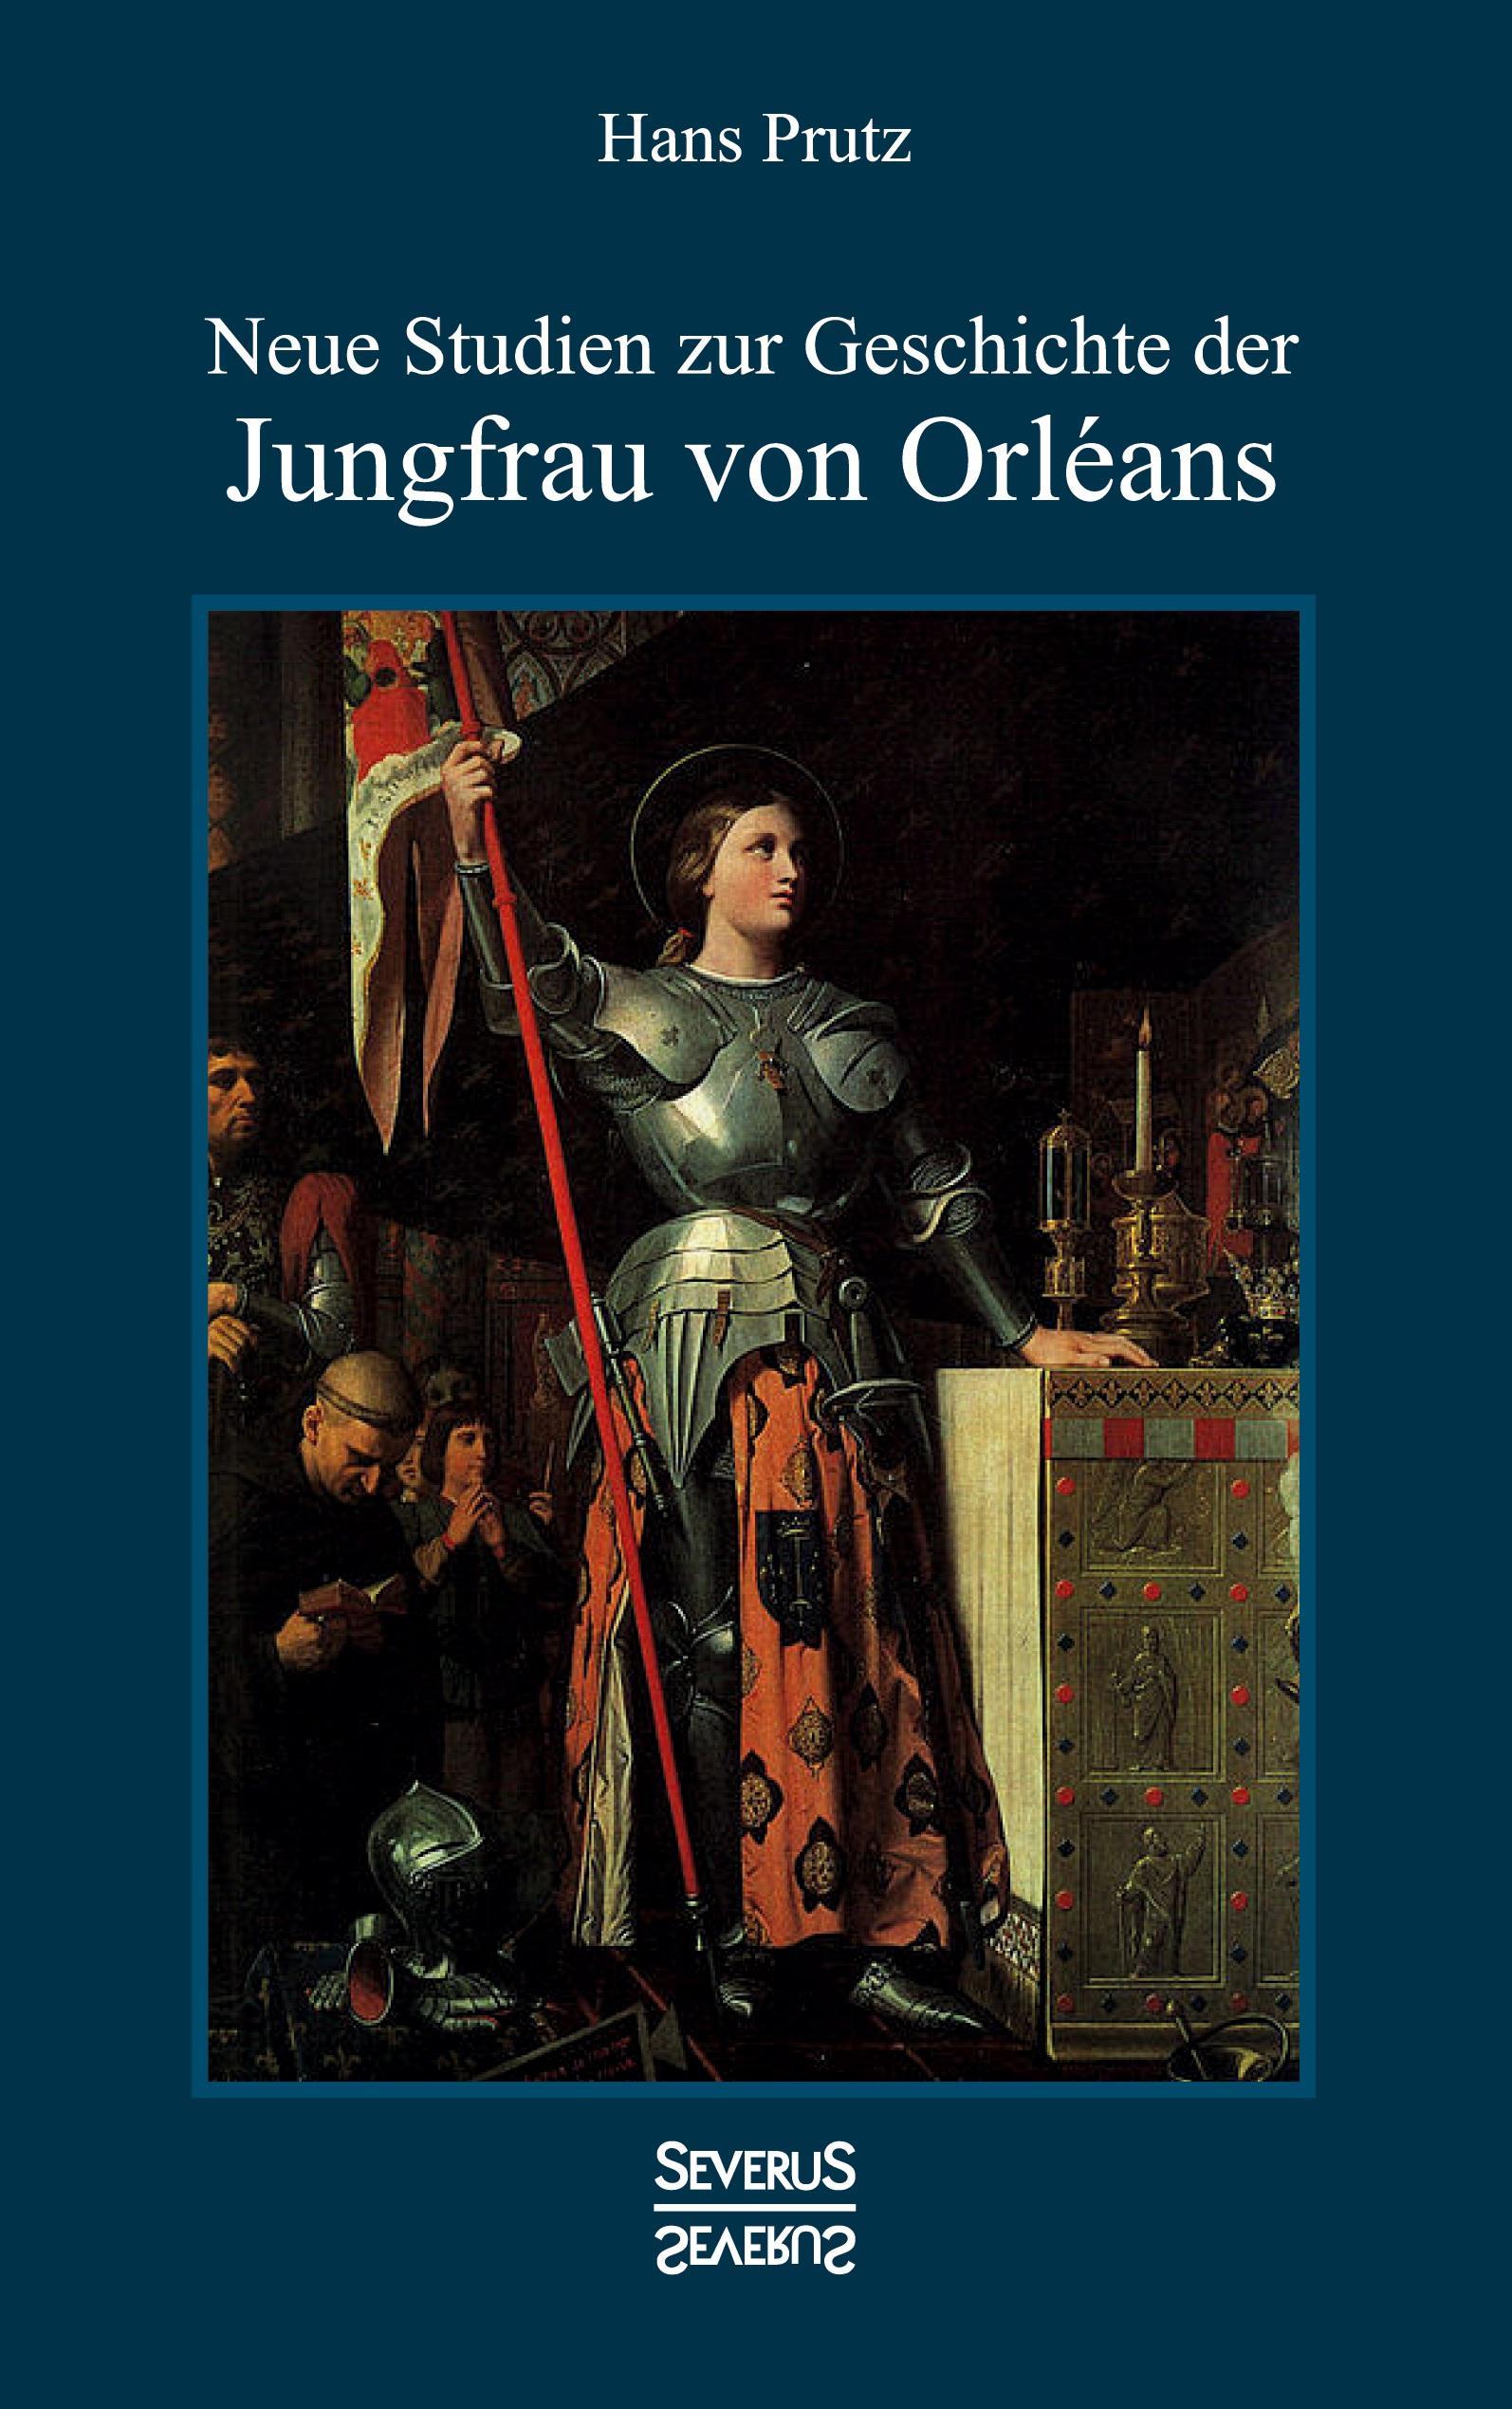 Neue-Studien-zur-Geschichte-der-Jungfrau-von-Orleans-Hans-Prutz-Taschenbuch